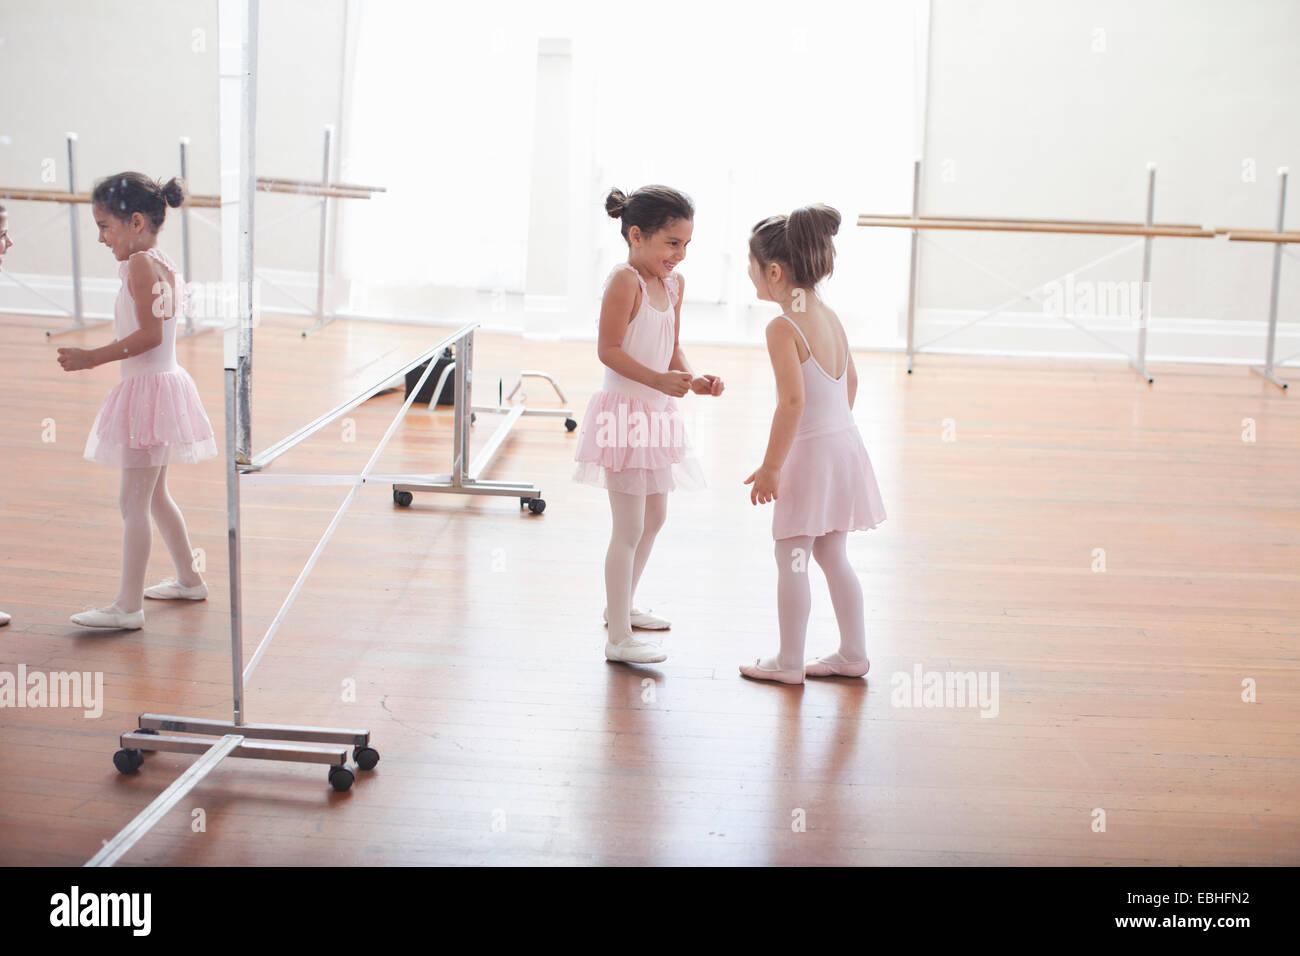 Due bambini ballerine chiacchierando in scuola di danza Immagini Stock